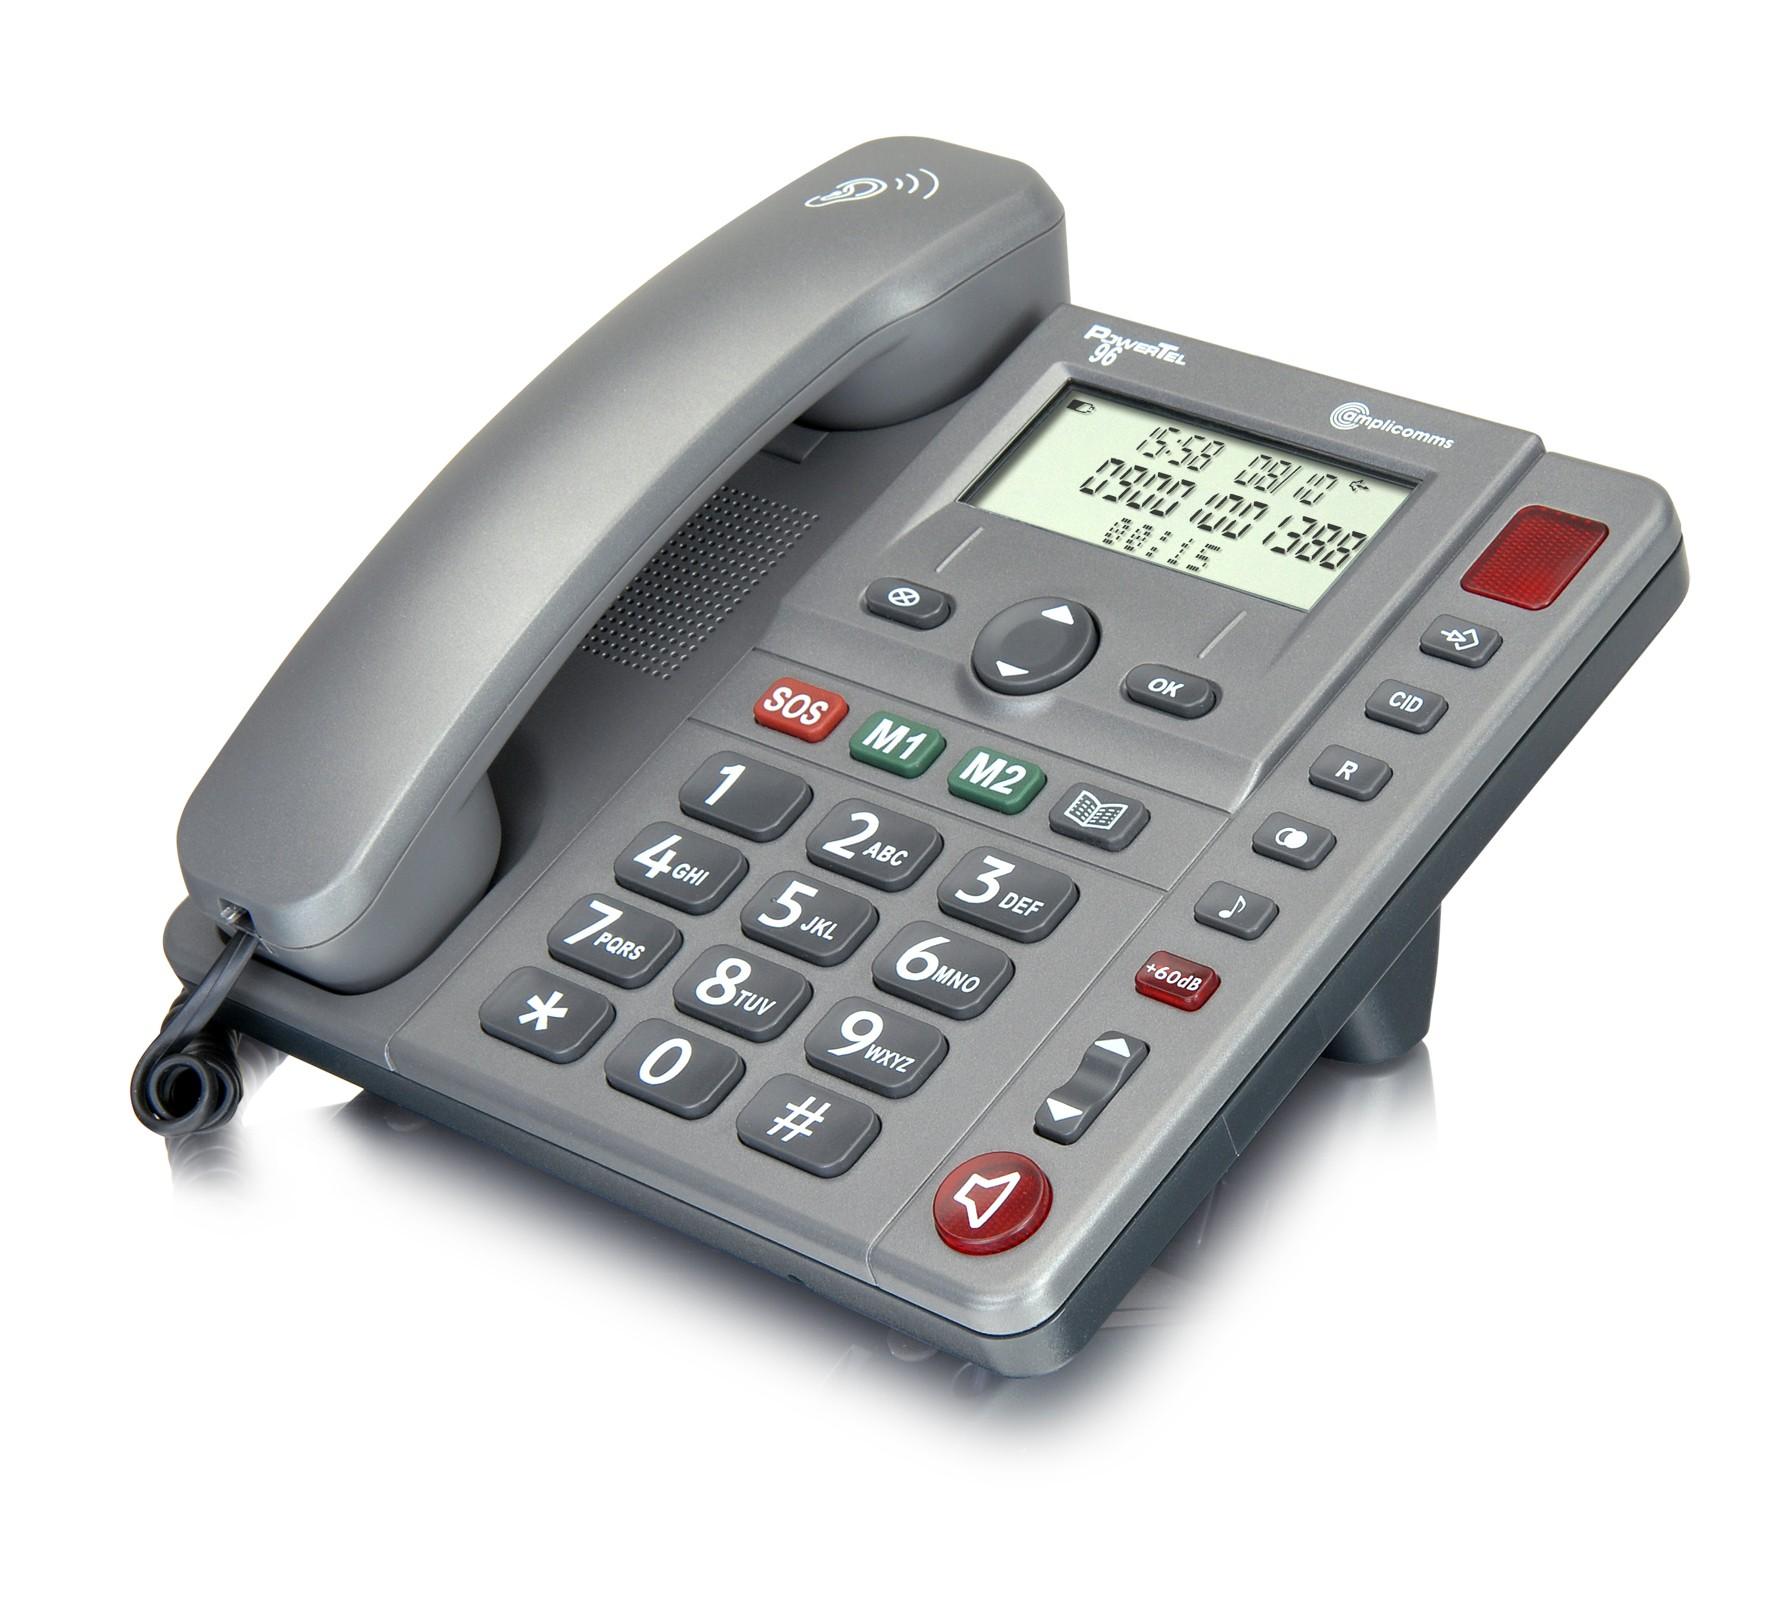 Teléfono fijo Powertel 96 amplificador extra